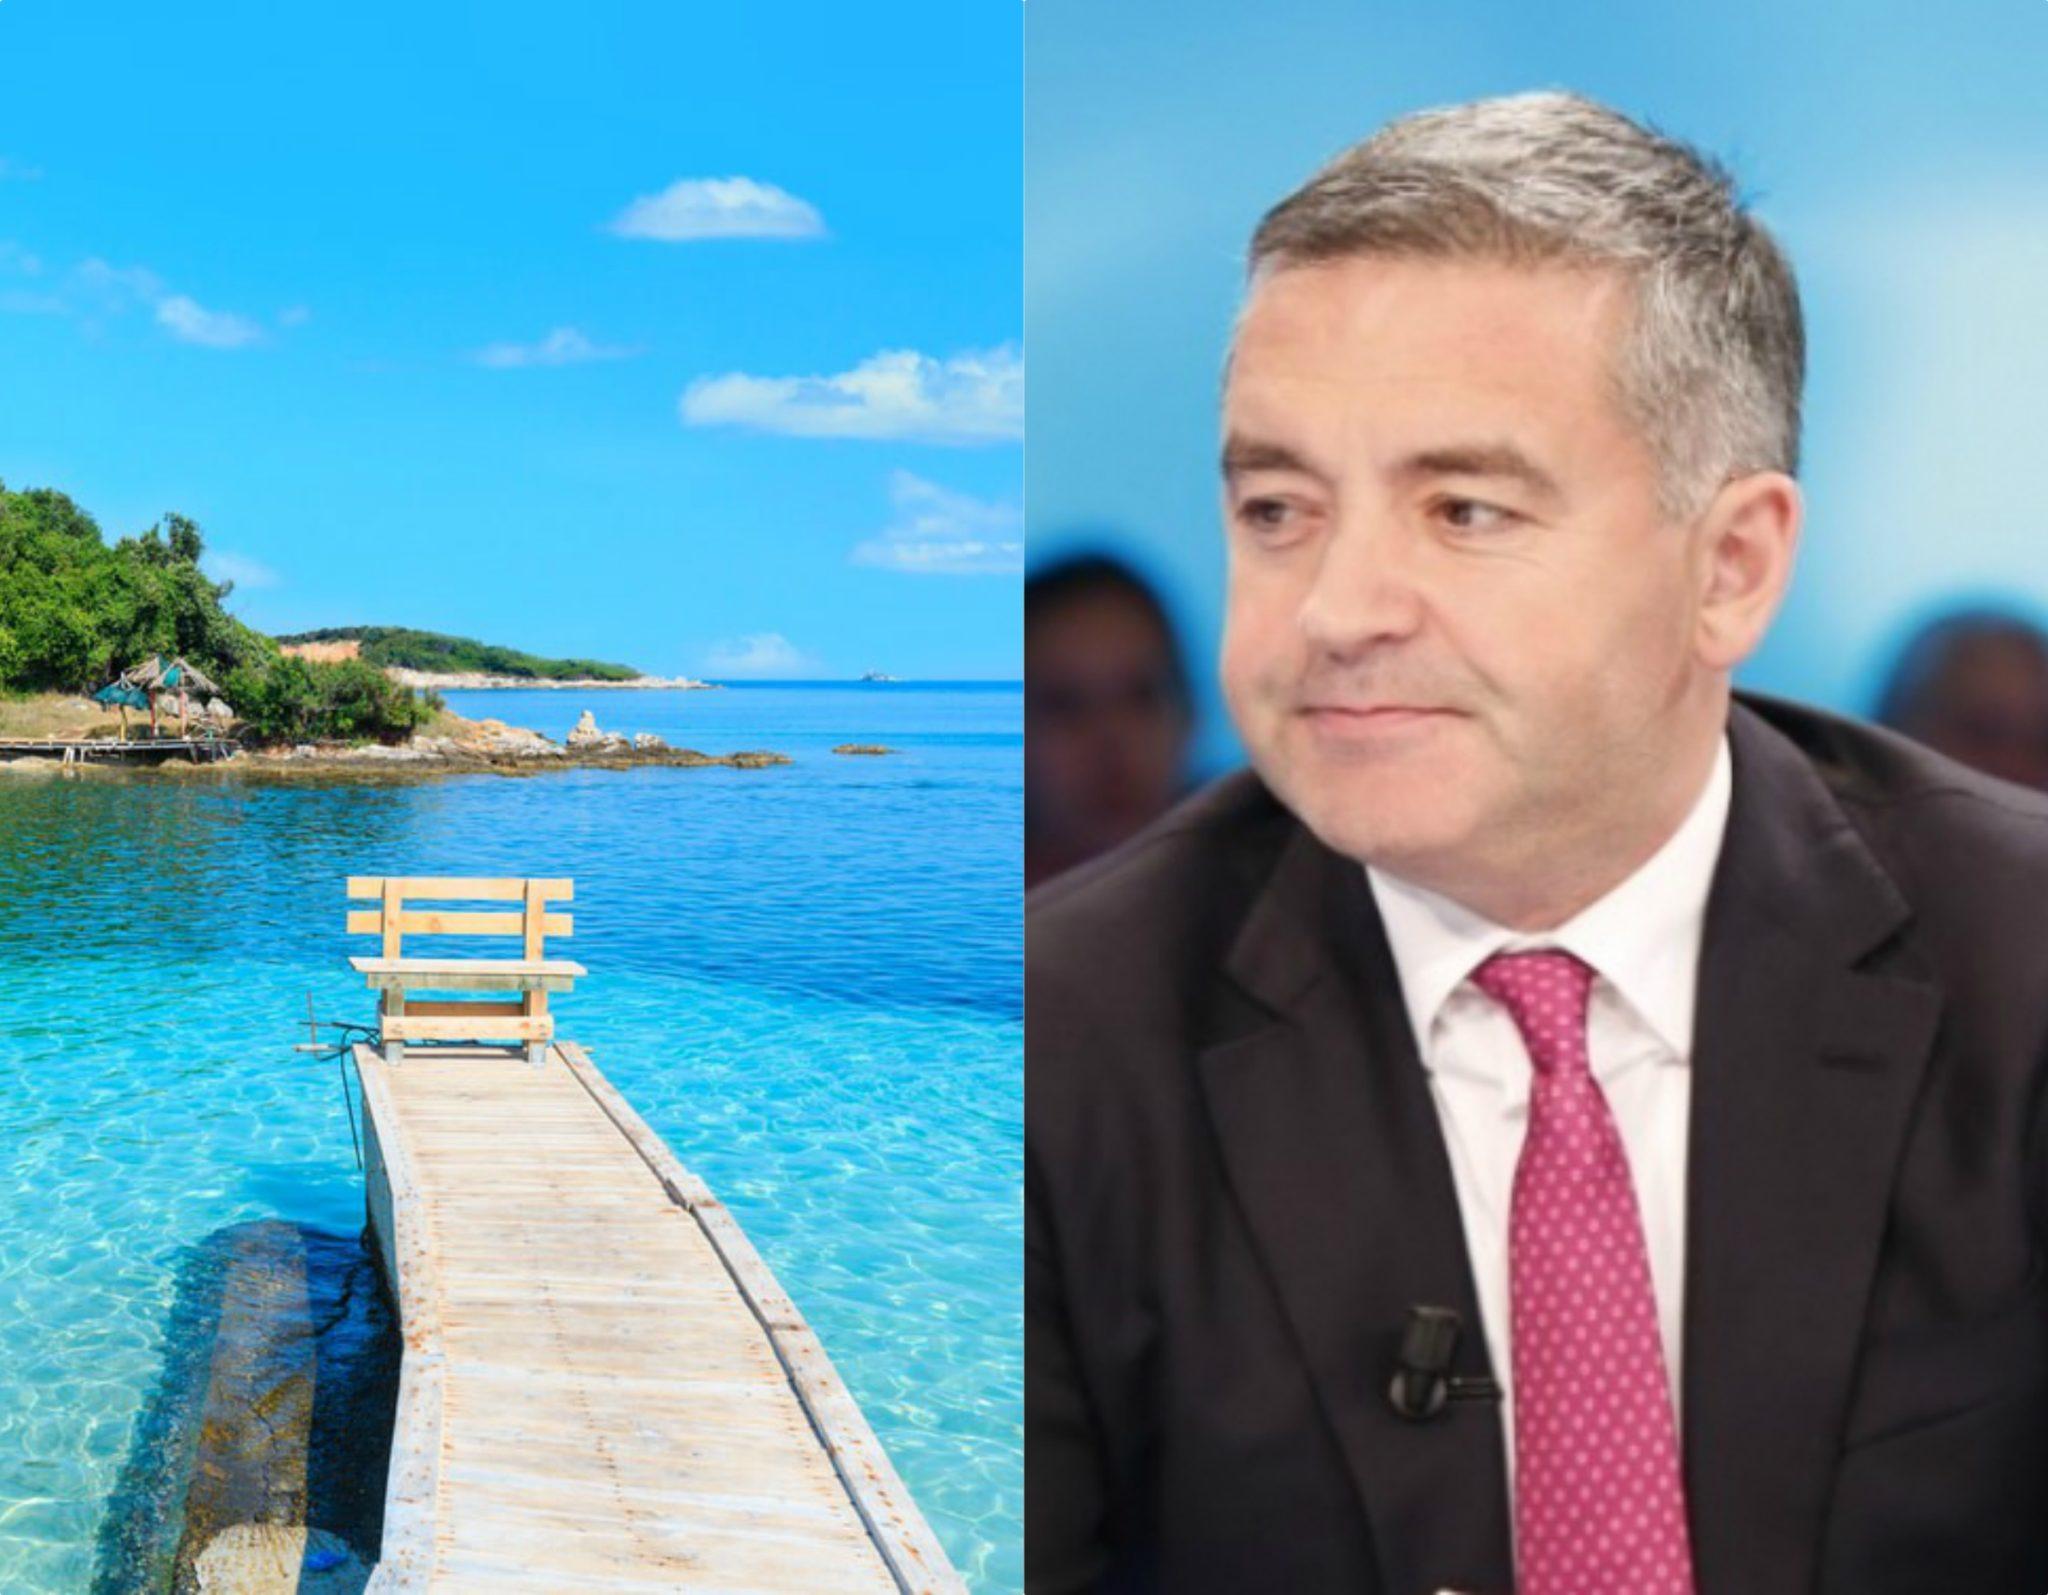 Sezoni turistik deri më 15 nëntor? Kreu i Shoqatës së Turizmit: Blendi Klosi duhet të ketë qenë tapë kur e tha, të japë dorëheqjen!